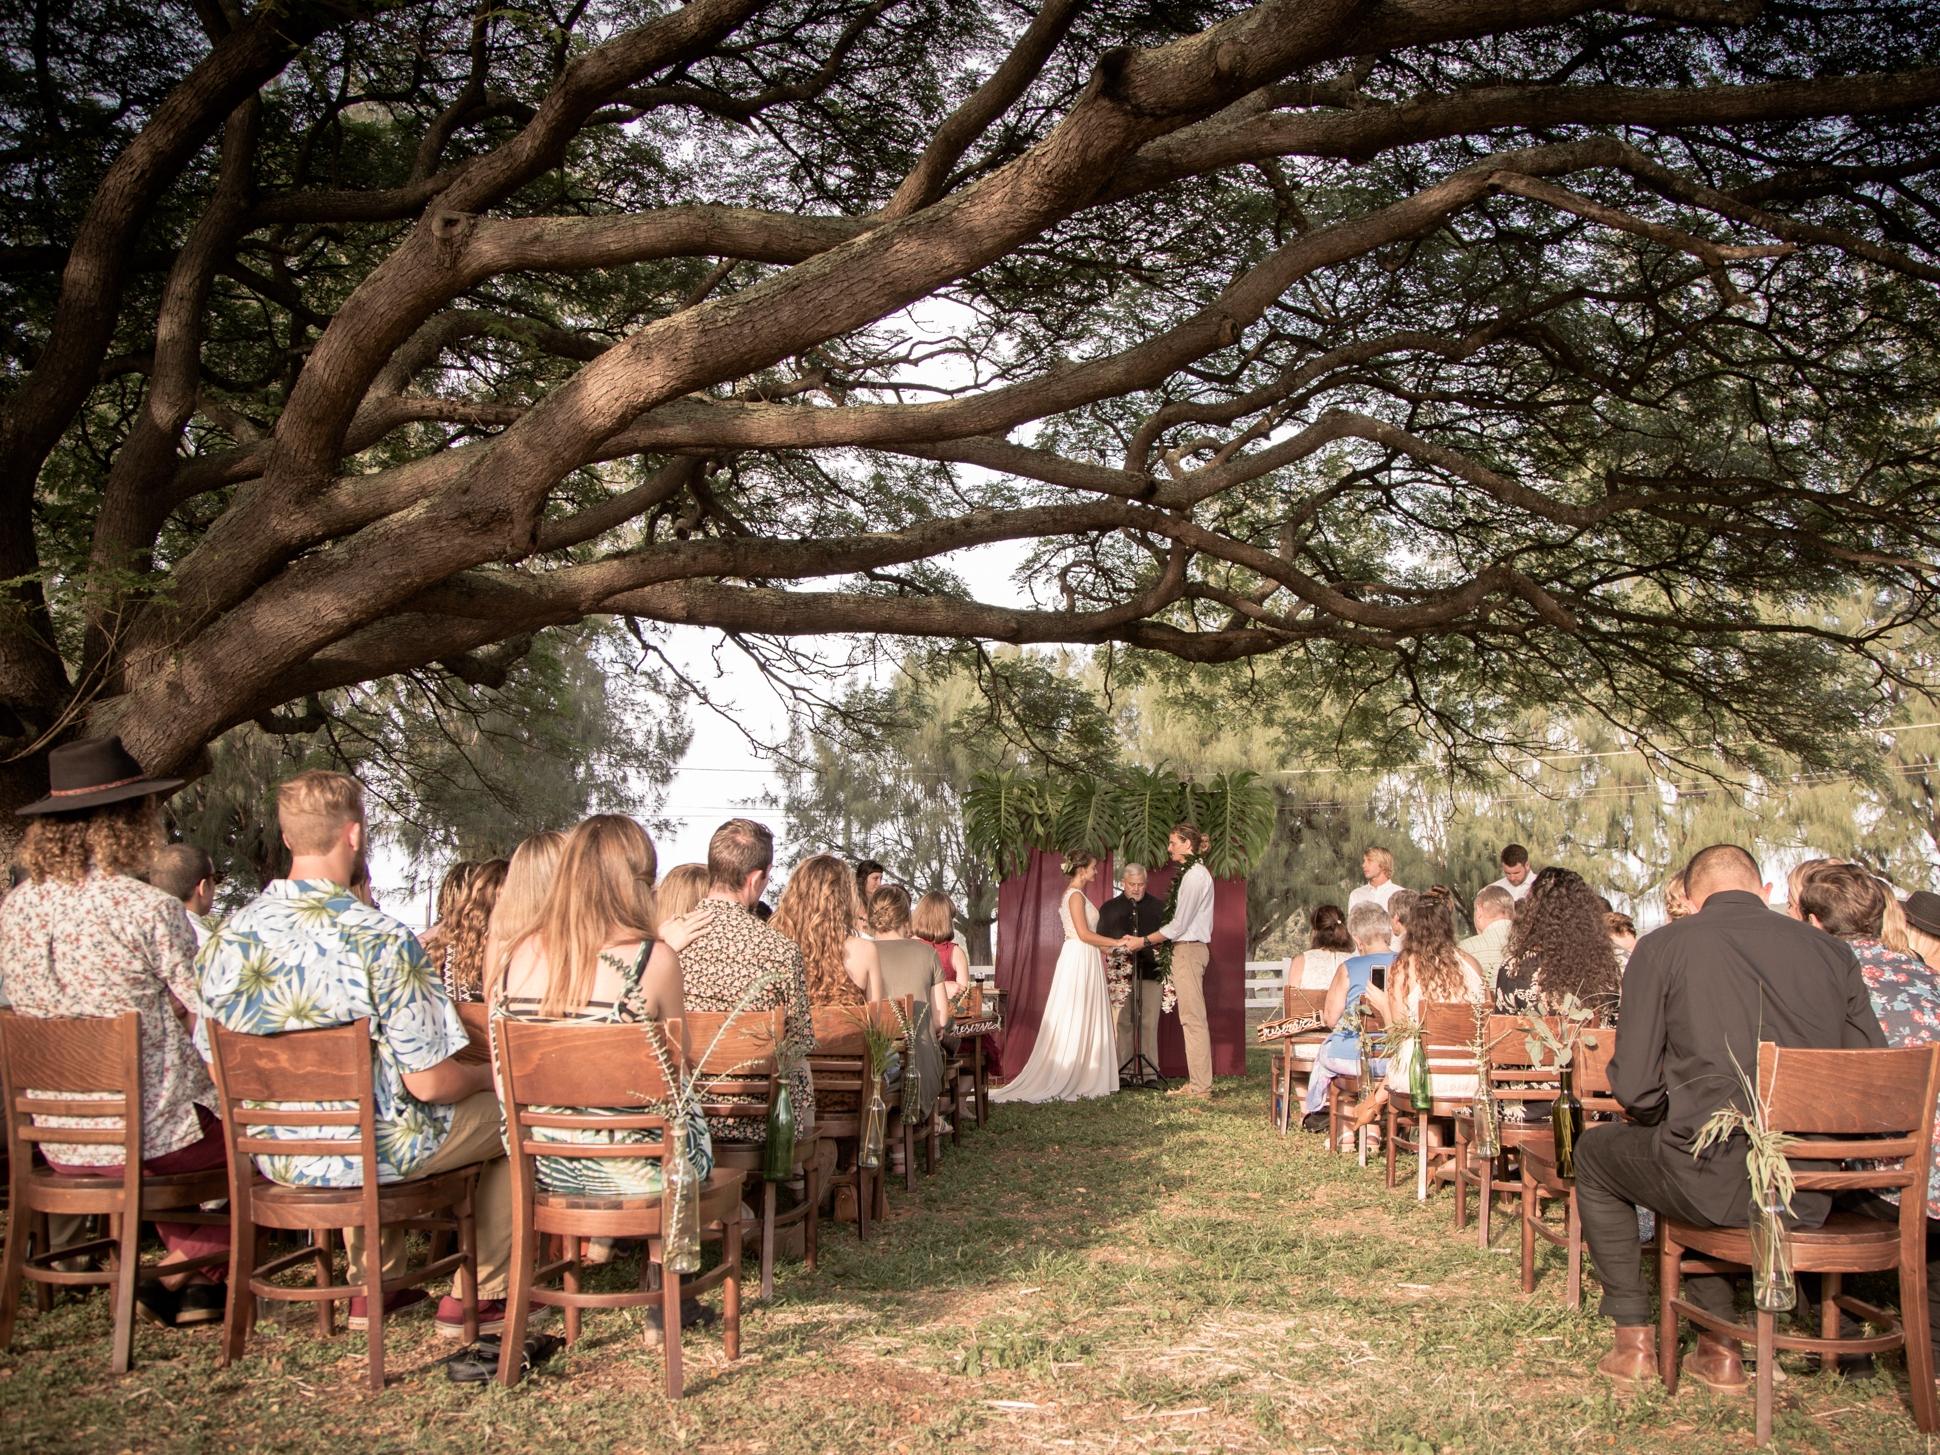 outdoor-wedding-ceremony-in-hawaii.jpg